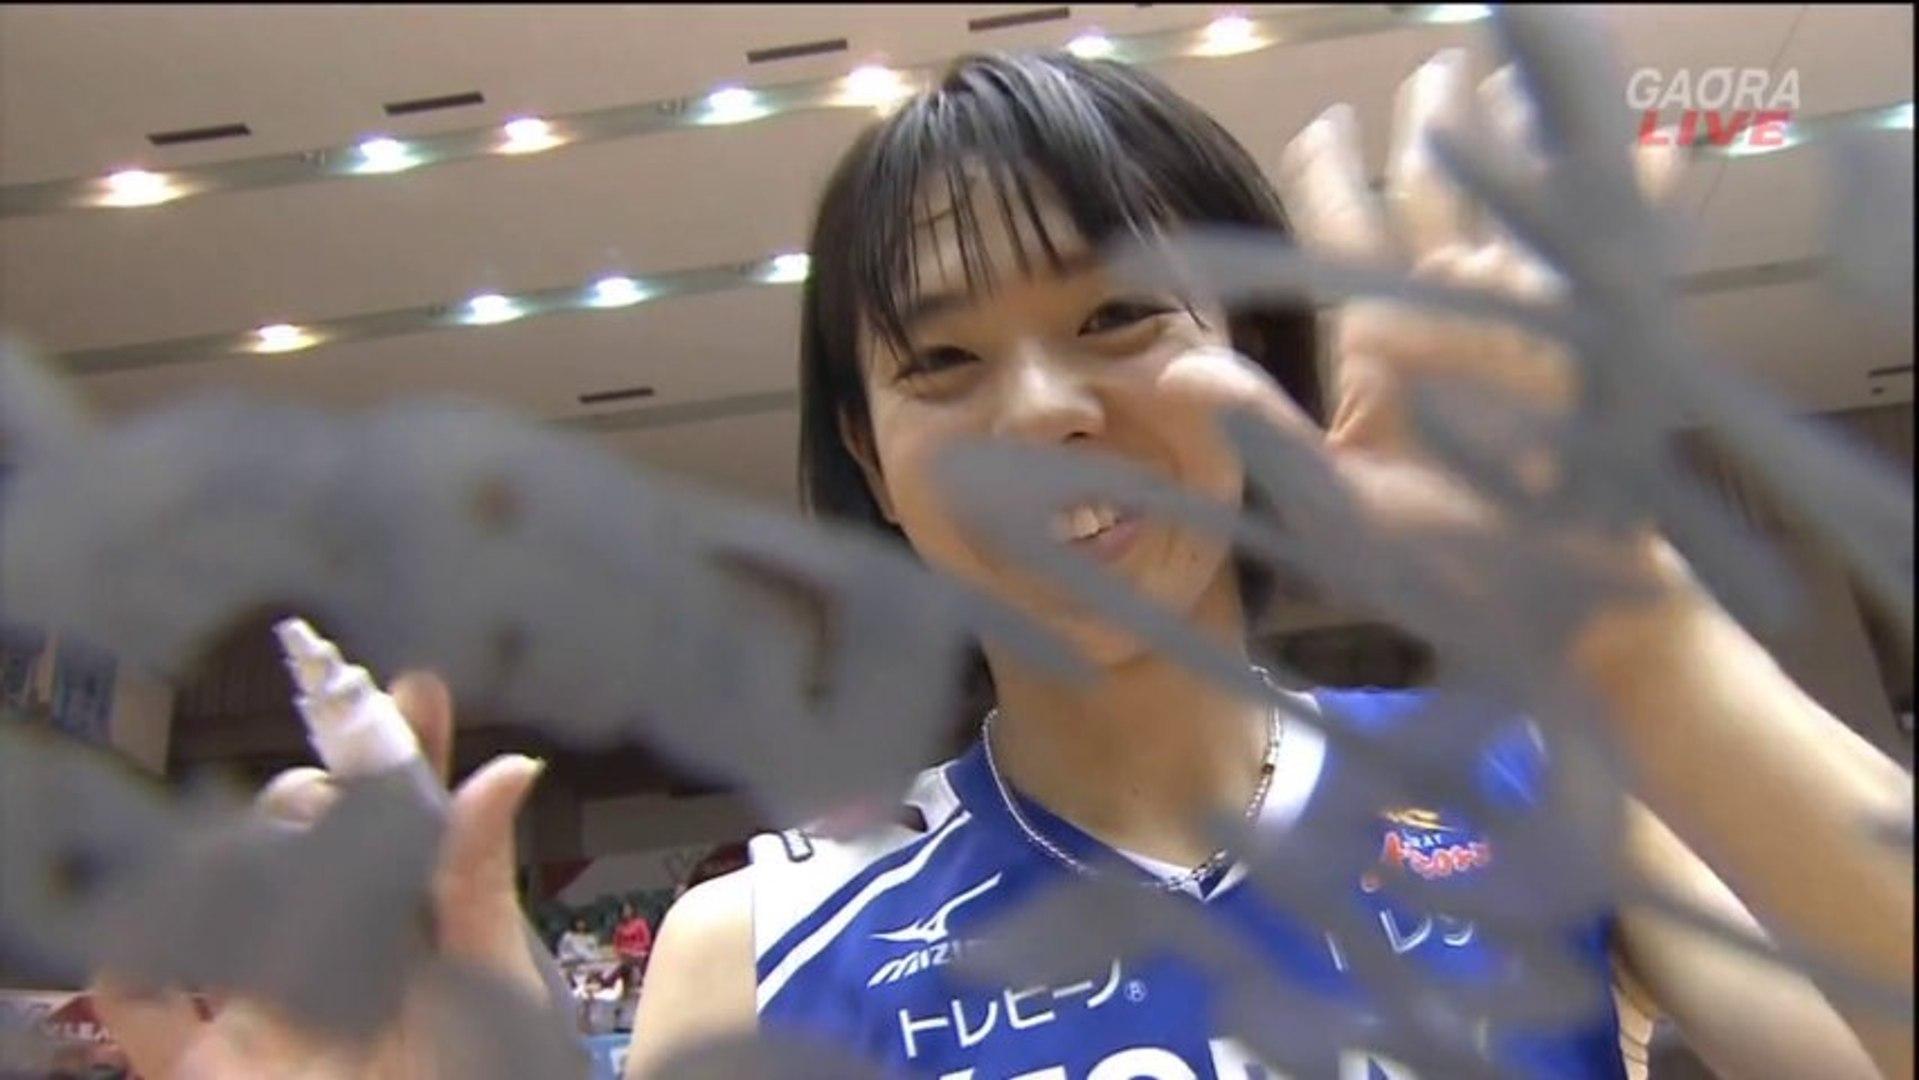 迫田さおりPV28 【2013/14Vプレミアリーグ開幕】悠久の翼